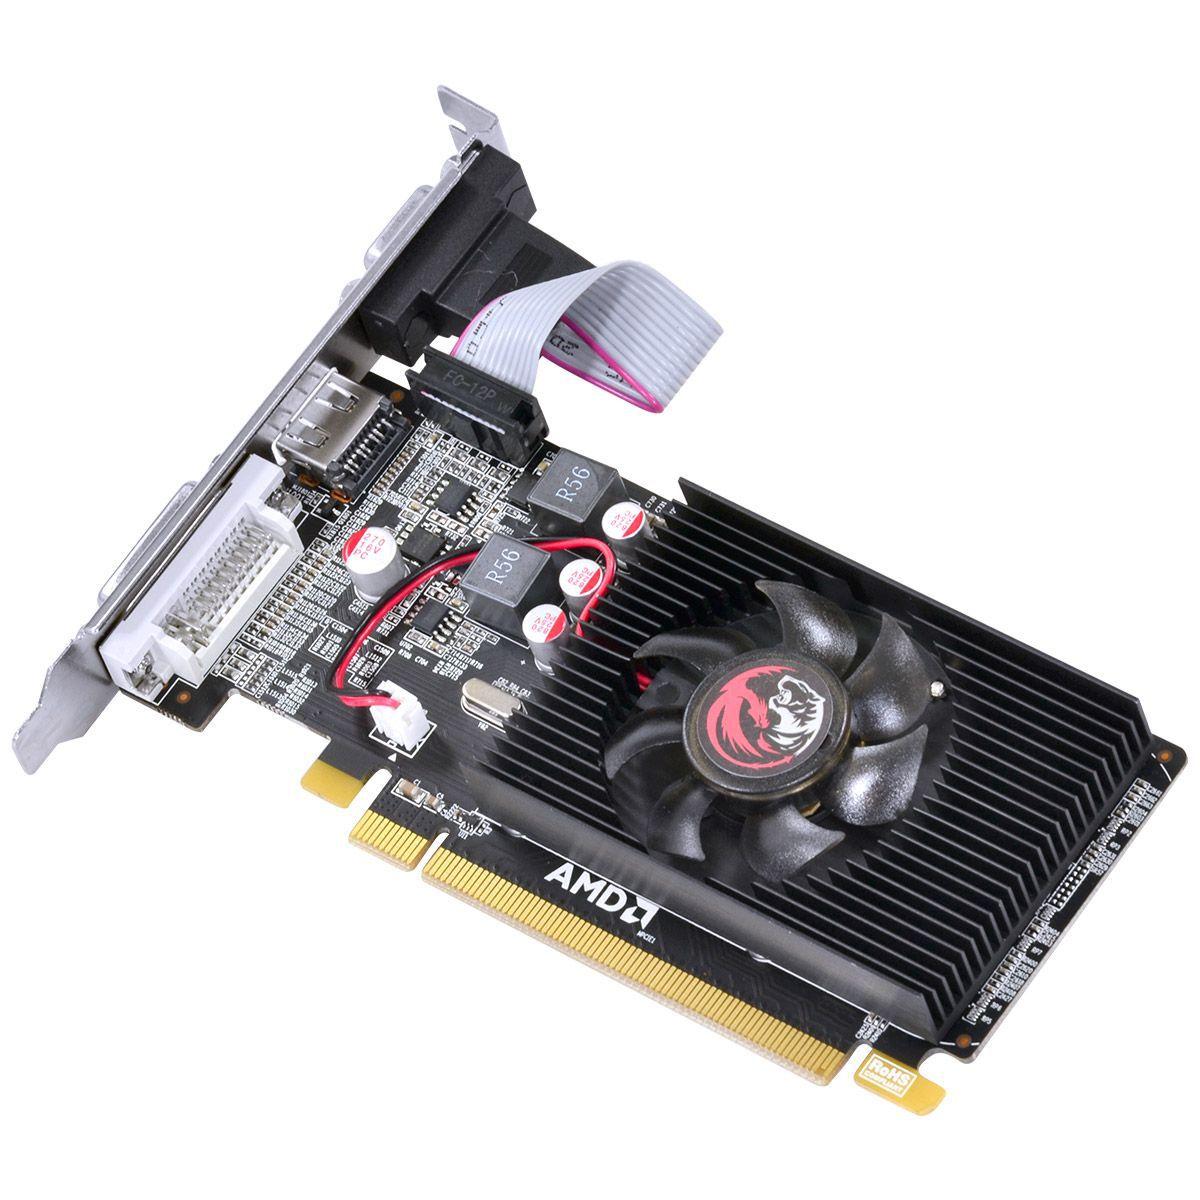 Placa de Vìdeo AMD 6450 2GB DDR3 64 Bits com kit low profile PJ64506402D3LP - Pcyes